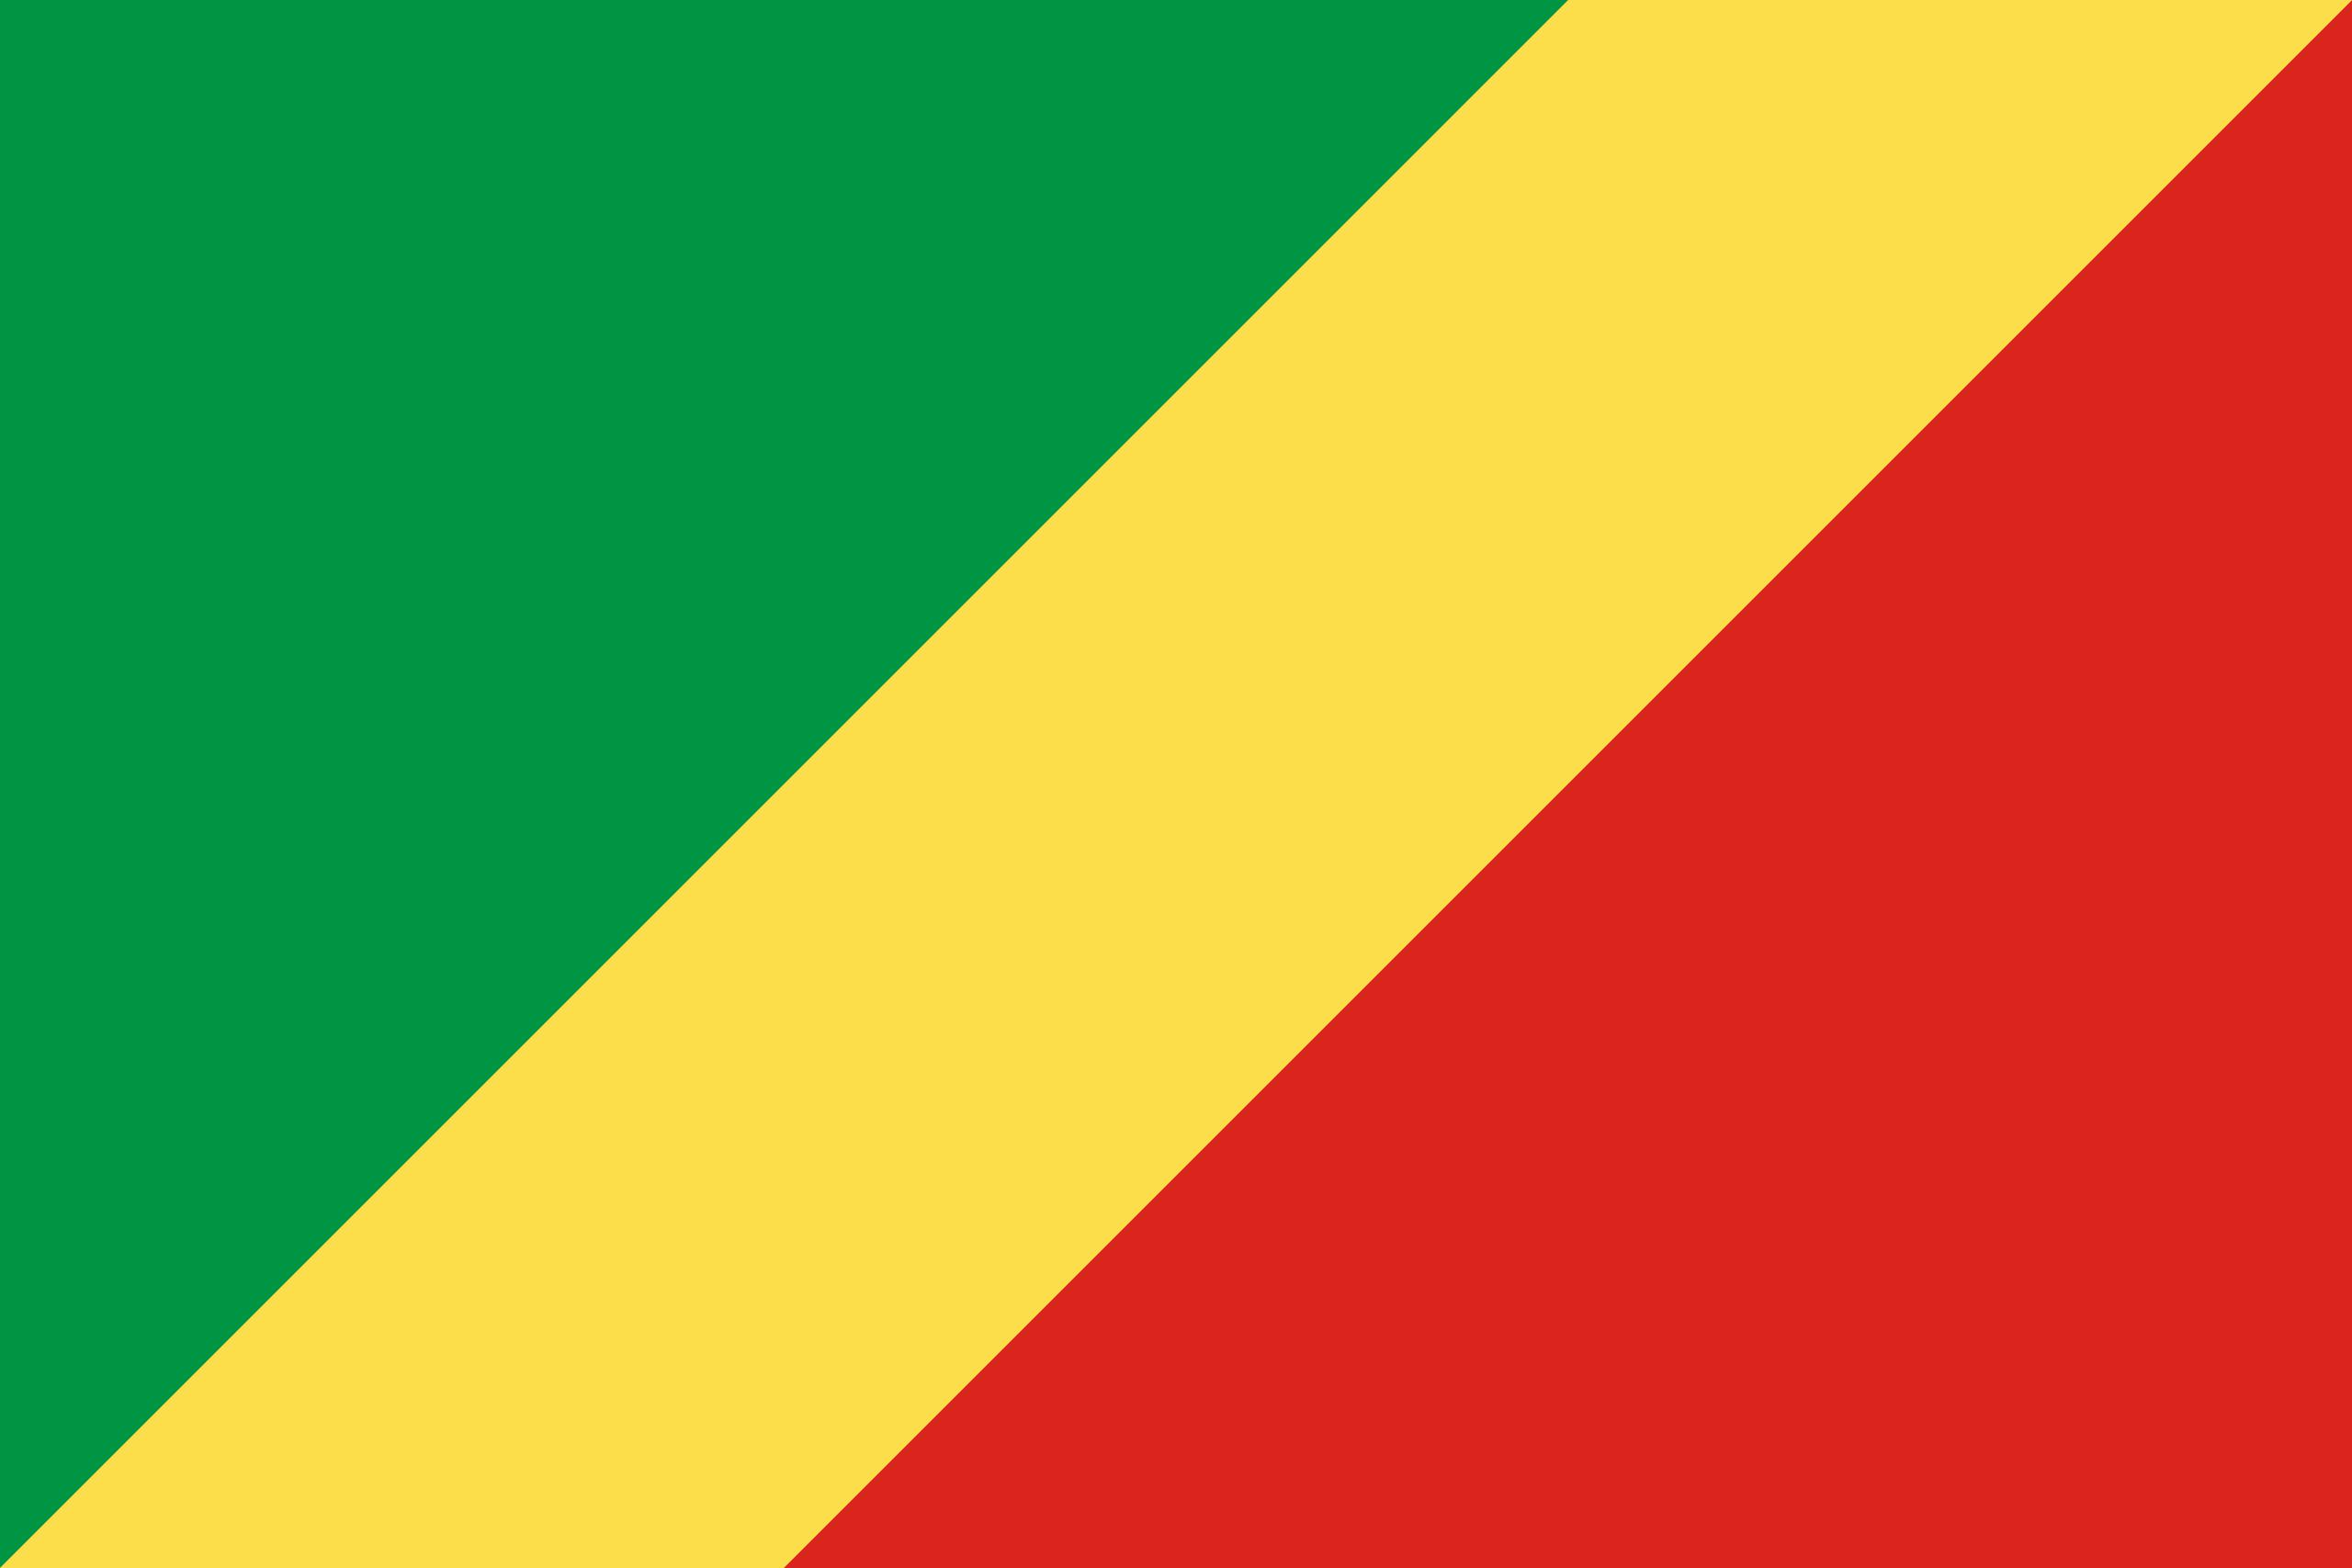 Kongo Cumhuriyeti'nin Başkenti ve Para Birimi Nedir? Kongo Cumhuriyeti'nin Bayrağı Nasıldır?